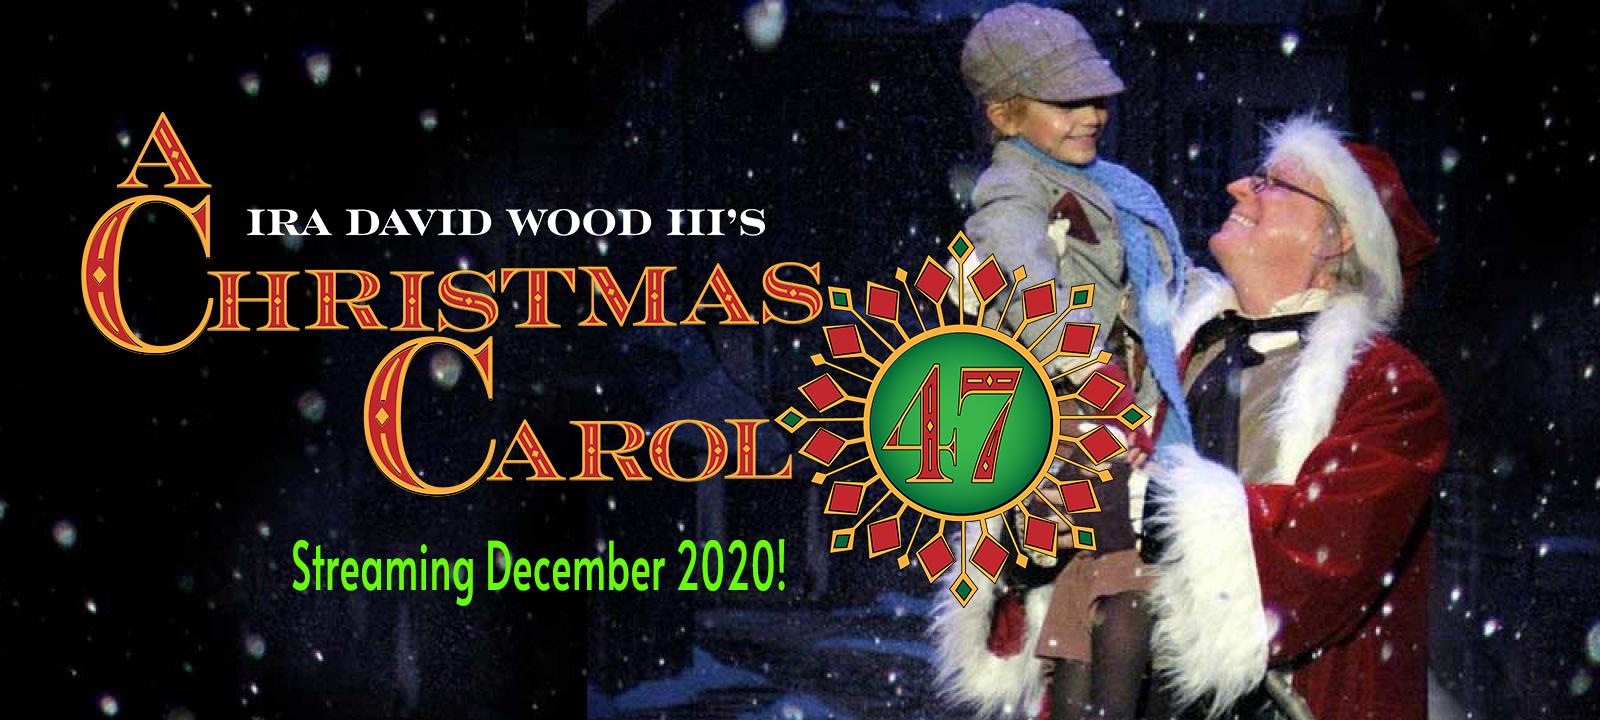 A Christmas Carol Raleigh 2020 A Christmas Carol 2020